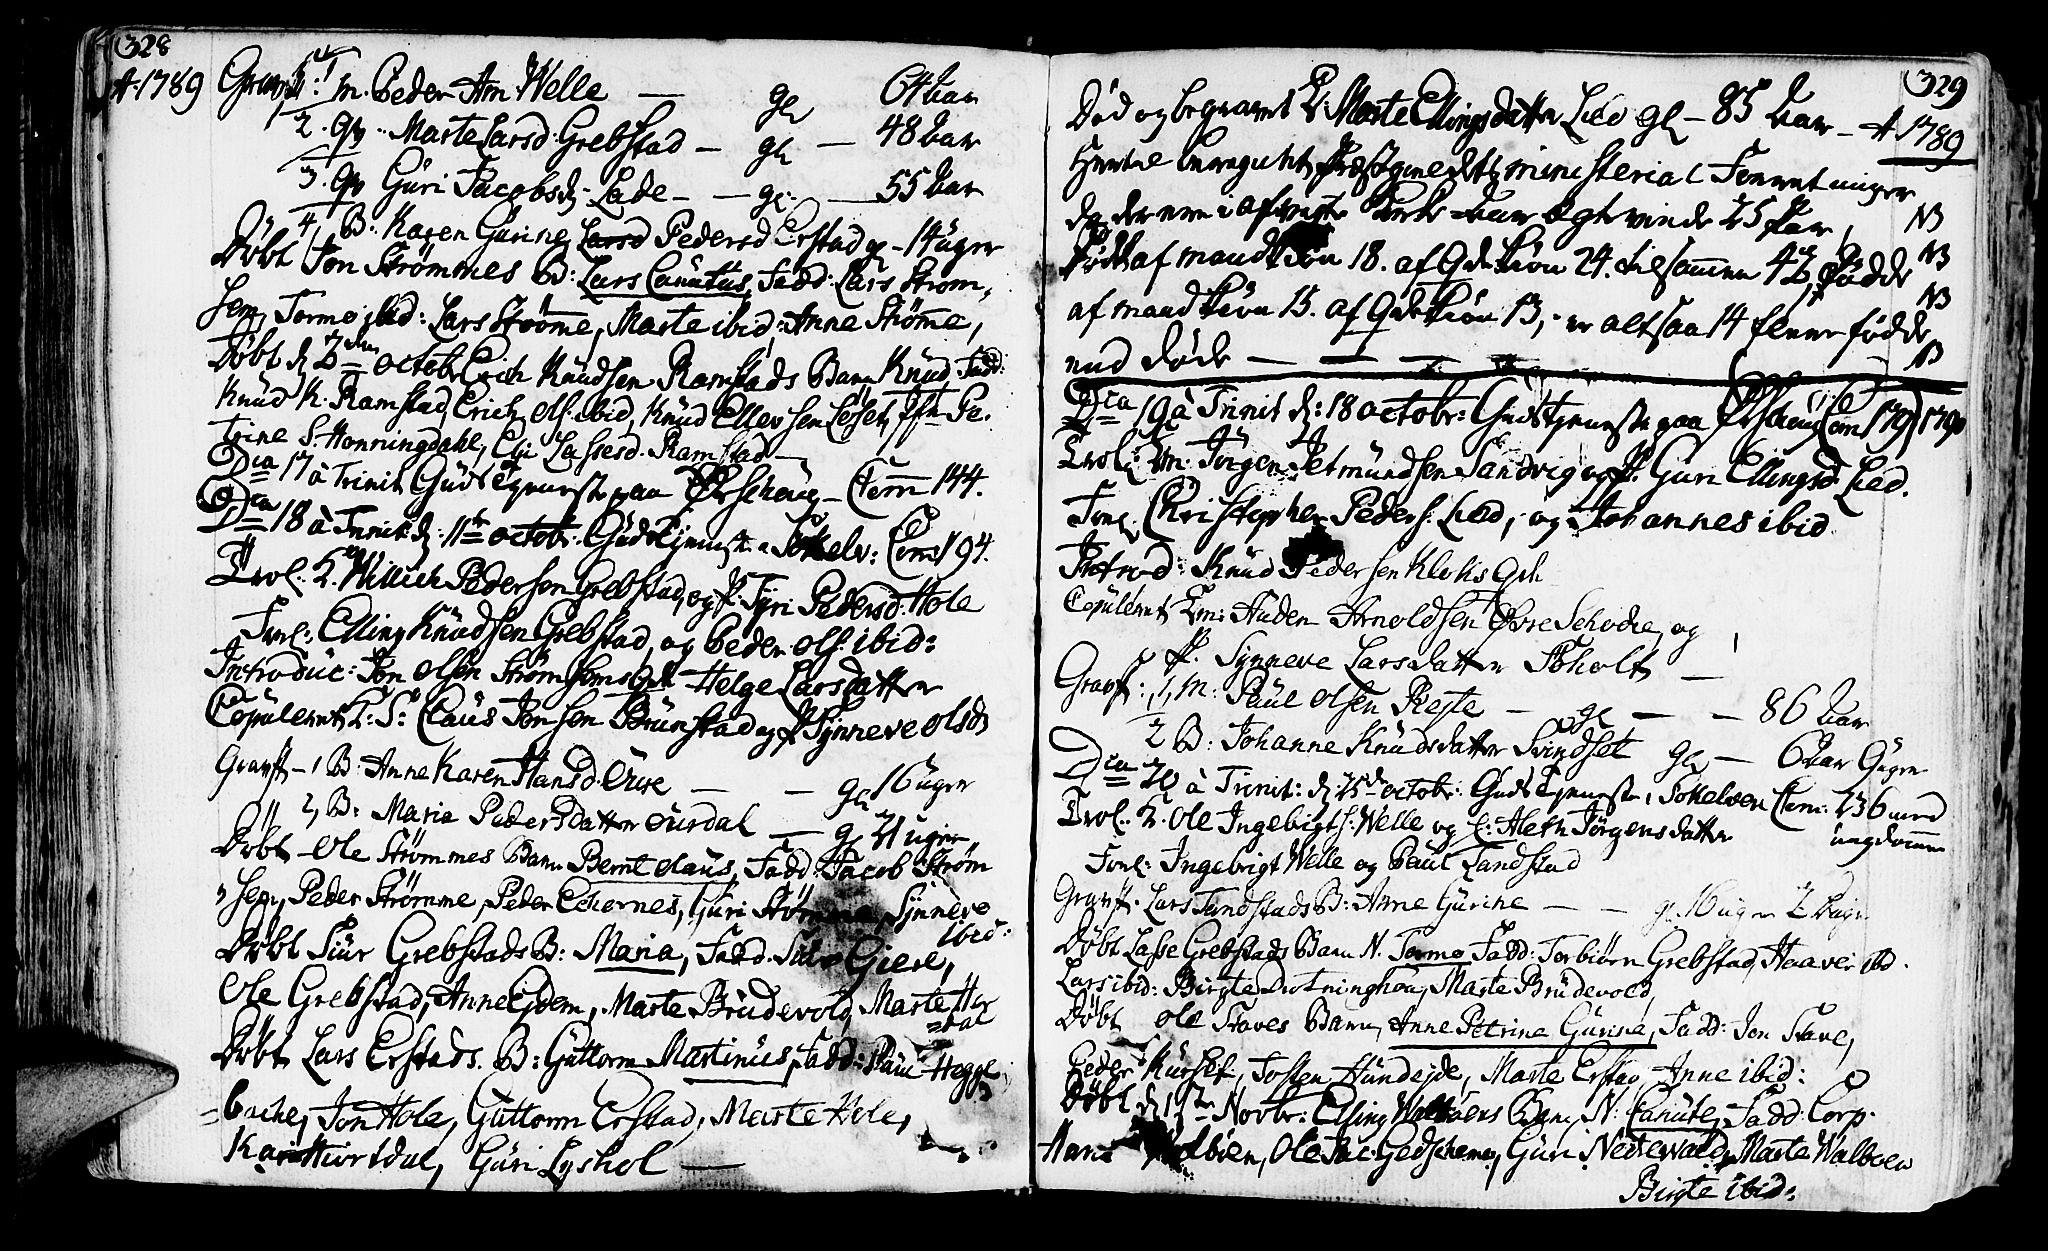 SAT, Ministerialprotokoller, klokkerbøker og fødselsregistre - Møre og Romsdal, 522/L0308: Ministerialbok nr. 522A03, 1773-1809, s. 328-329